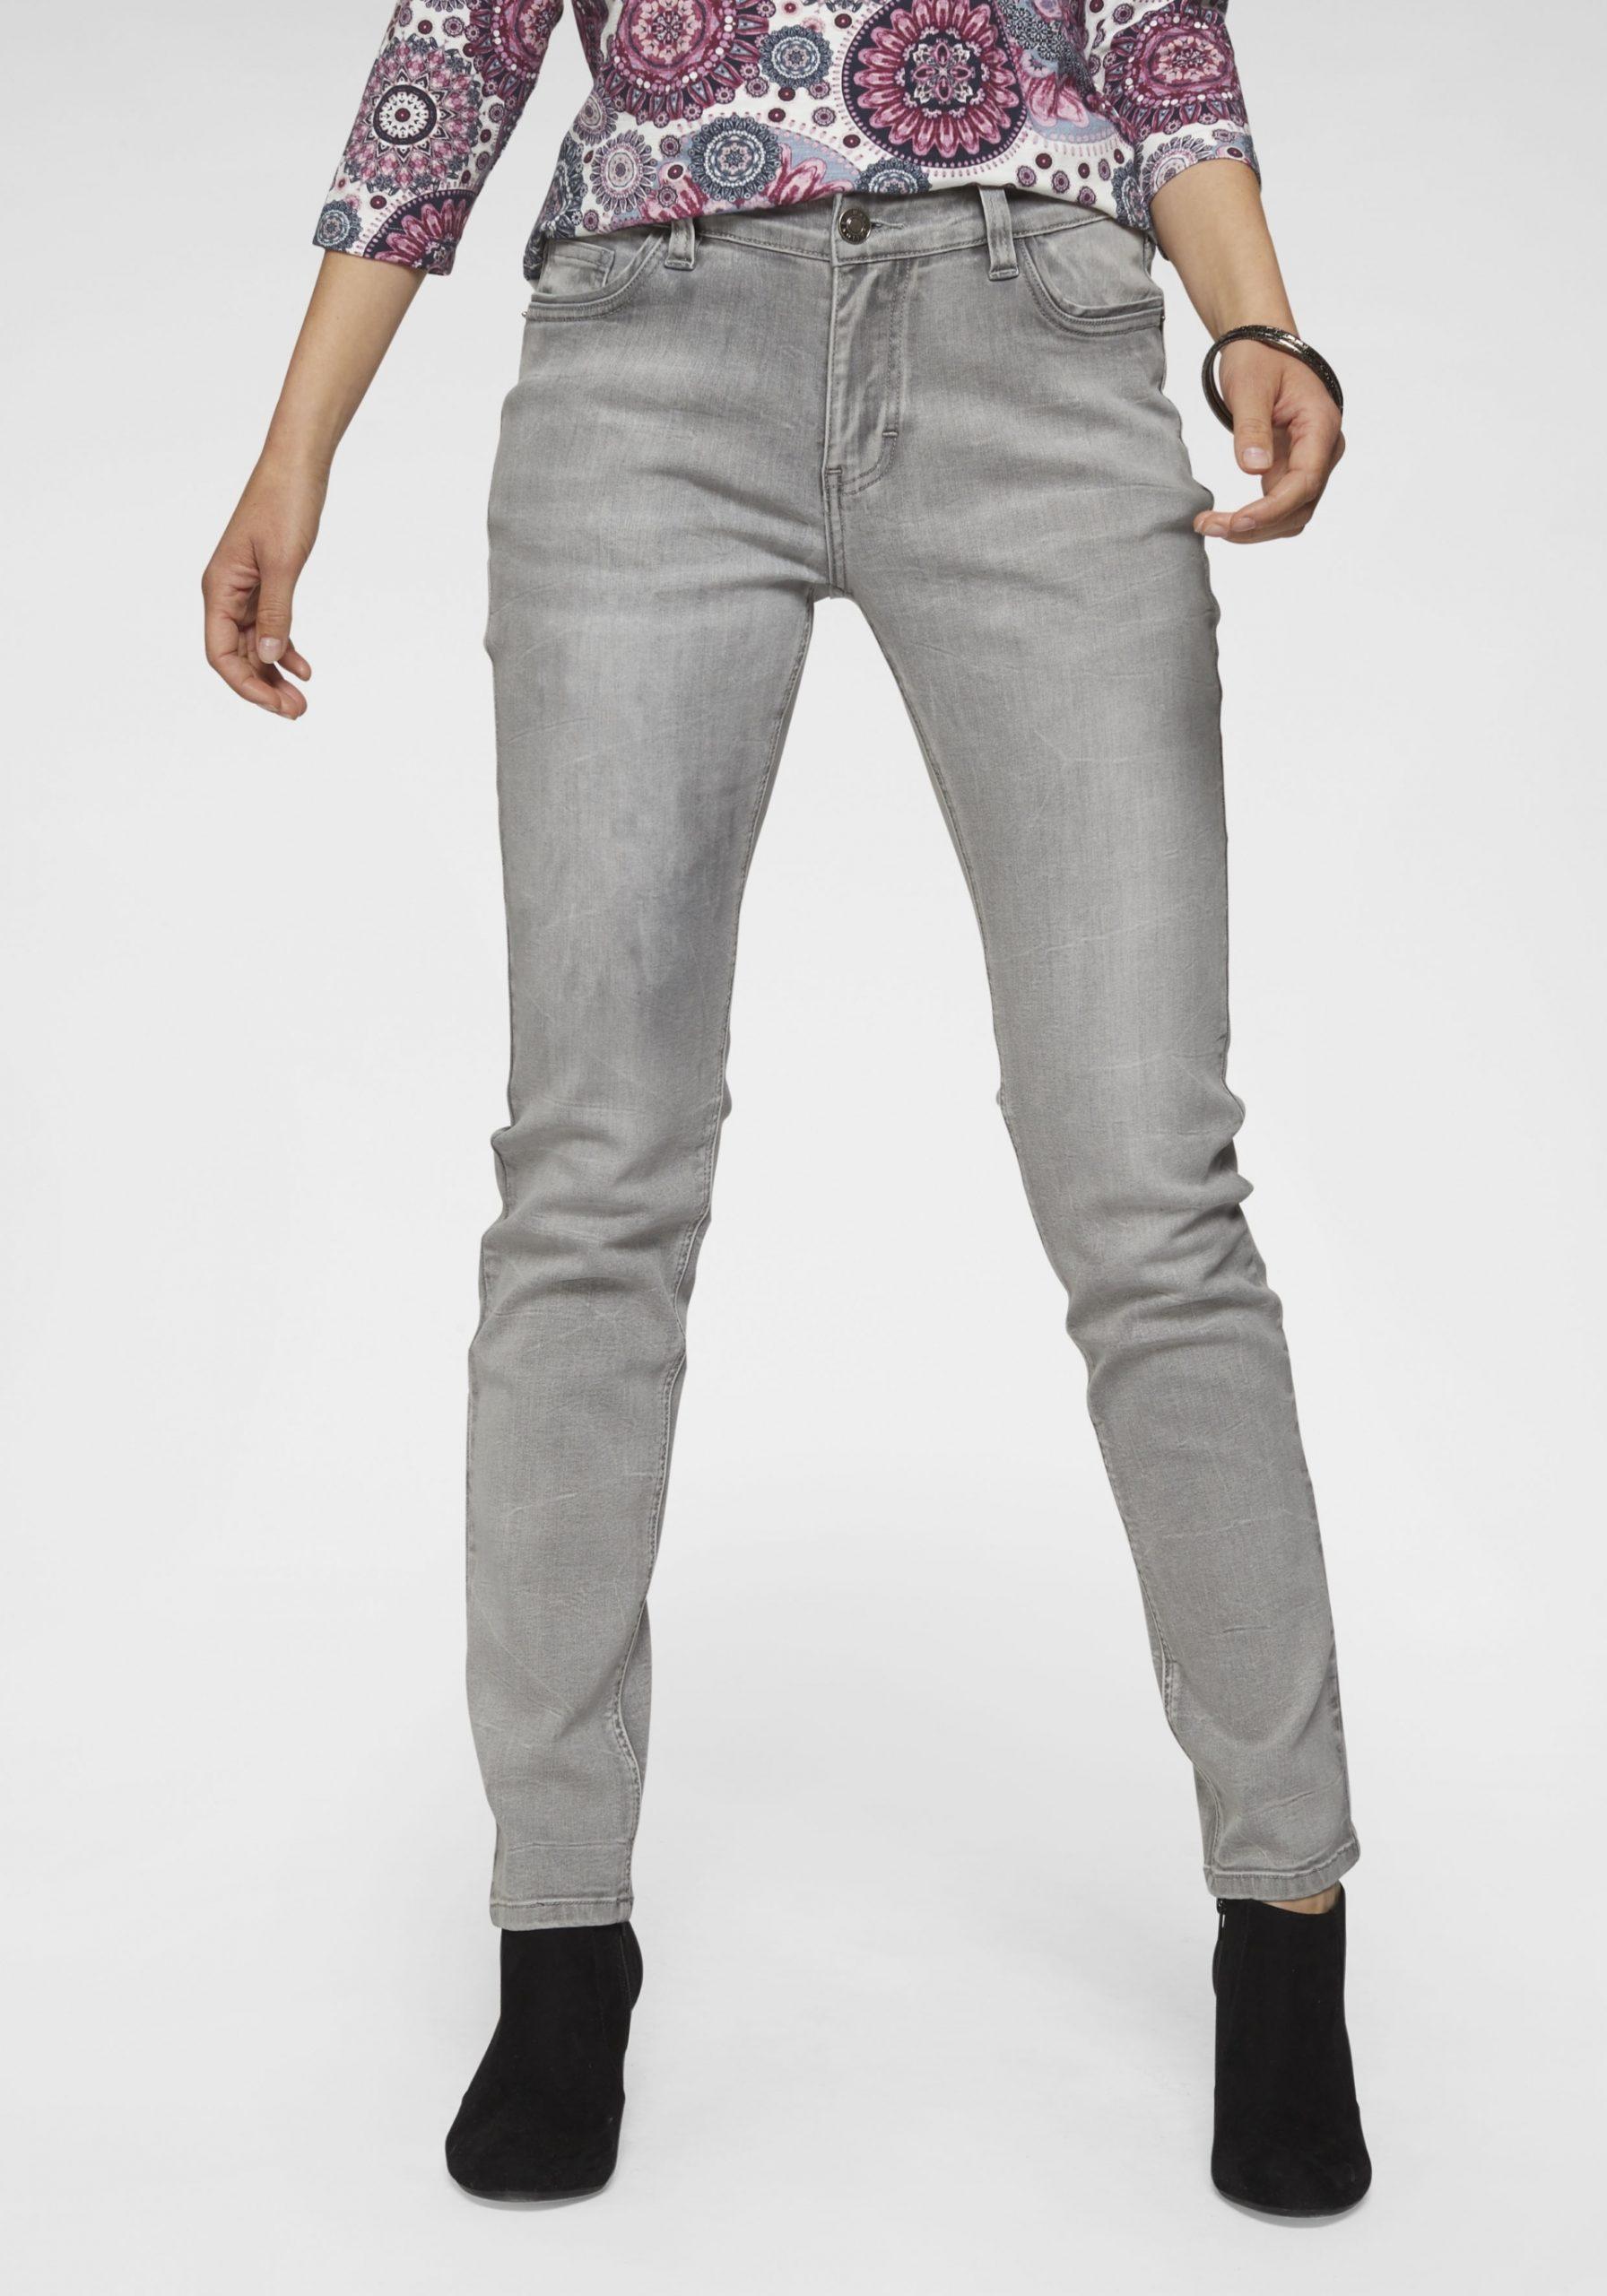 Damen Stretchige Jeans grau